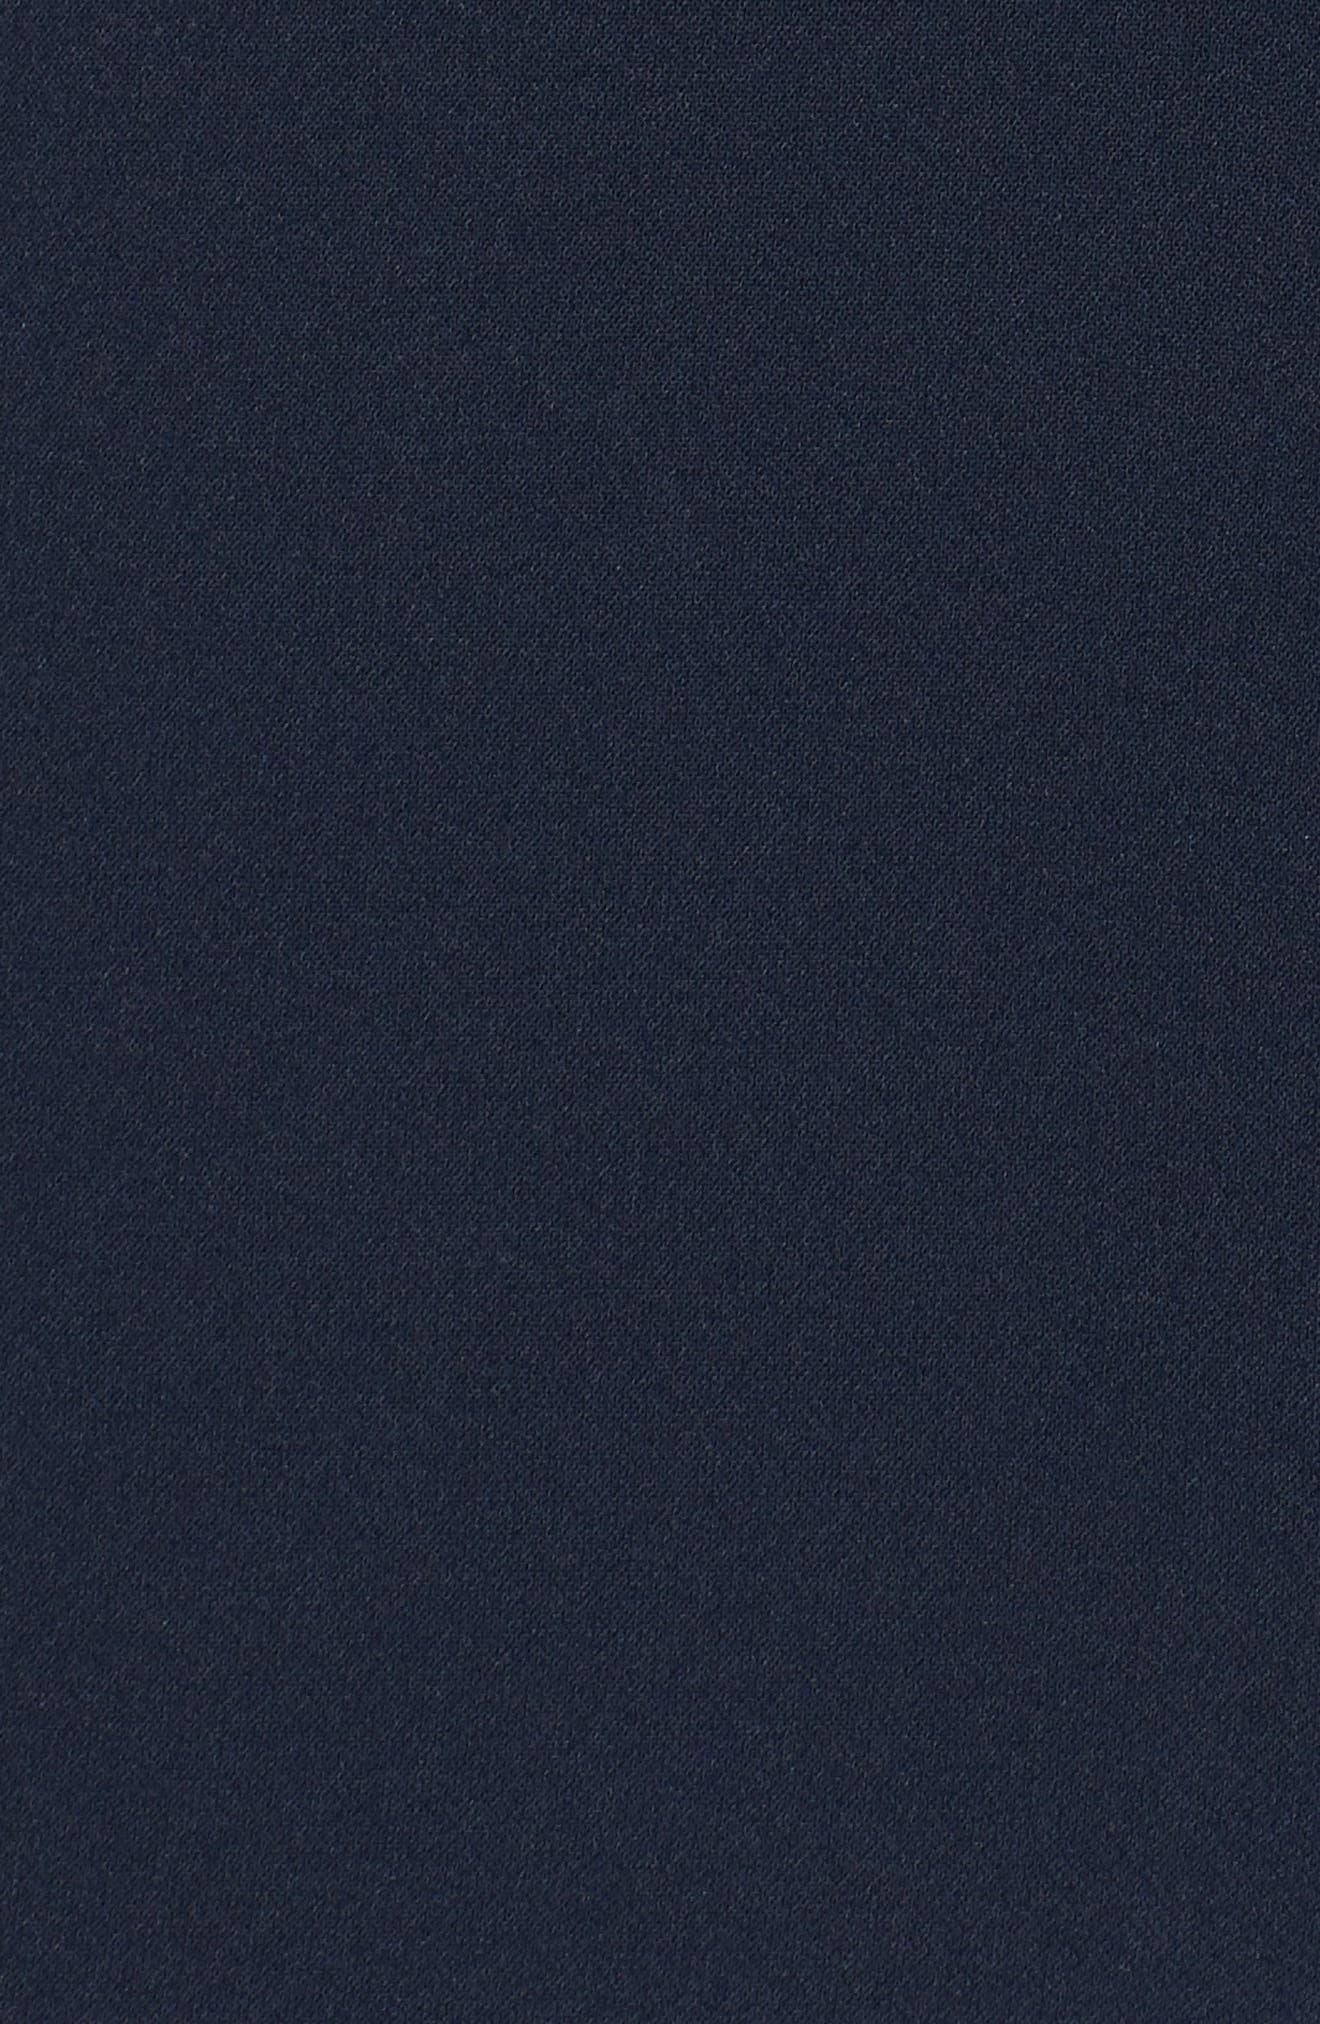 Karlie Off the Shoulder Jumpsuit,                             Alternate thumbnail 6, color,                             Navy